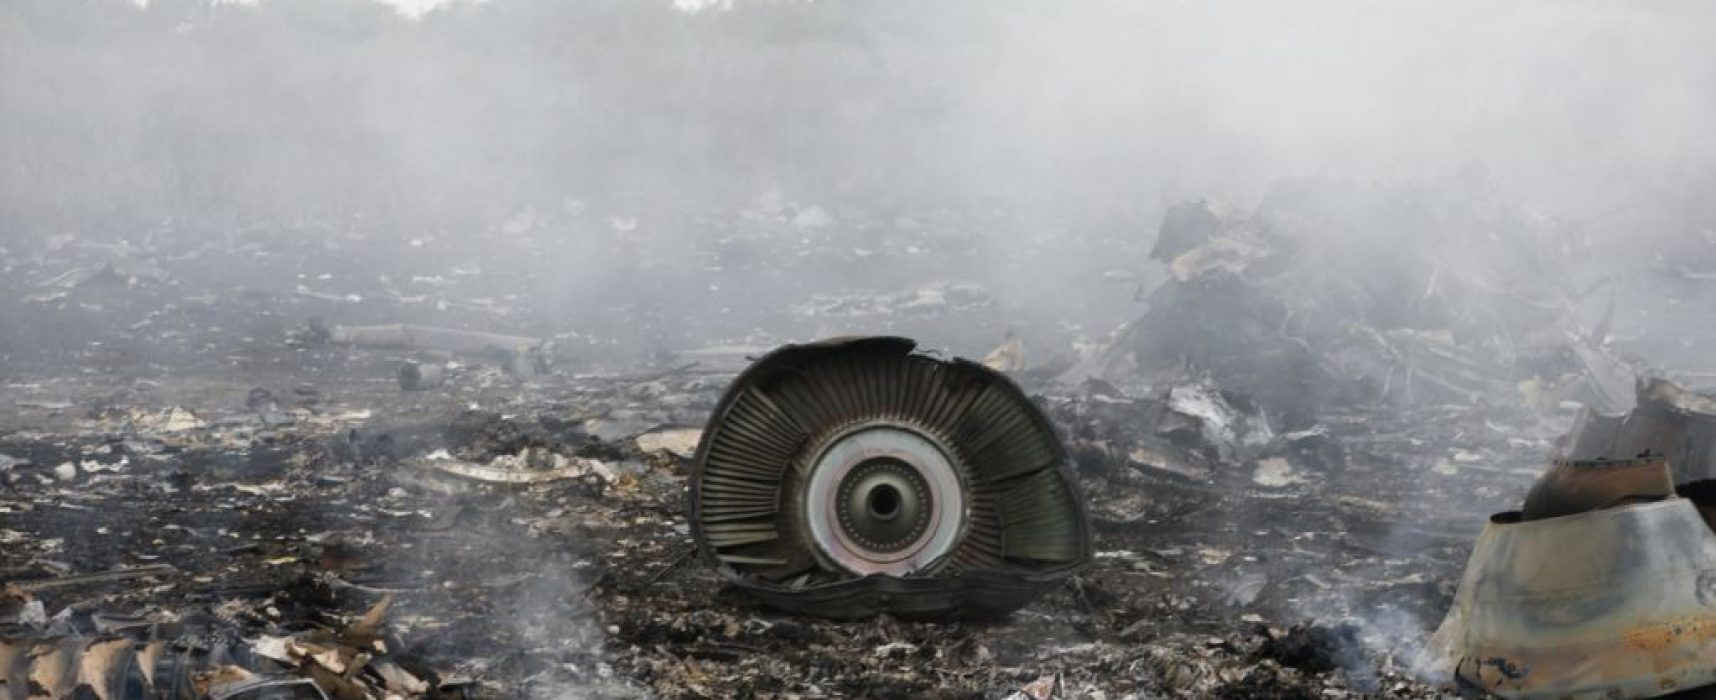 РИА «Новости» и немецкий частный детектив, расследовавший гибель MH17, попытались возродить фейковую версию об украинском истребителе и покушении на Путина